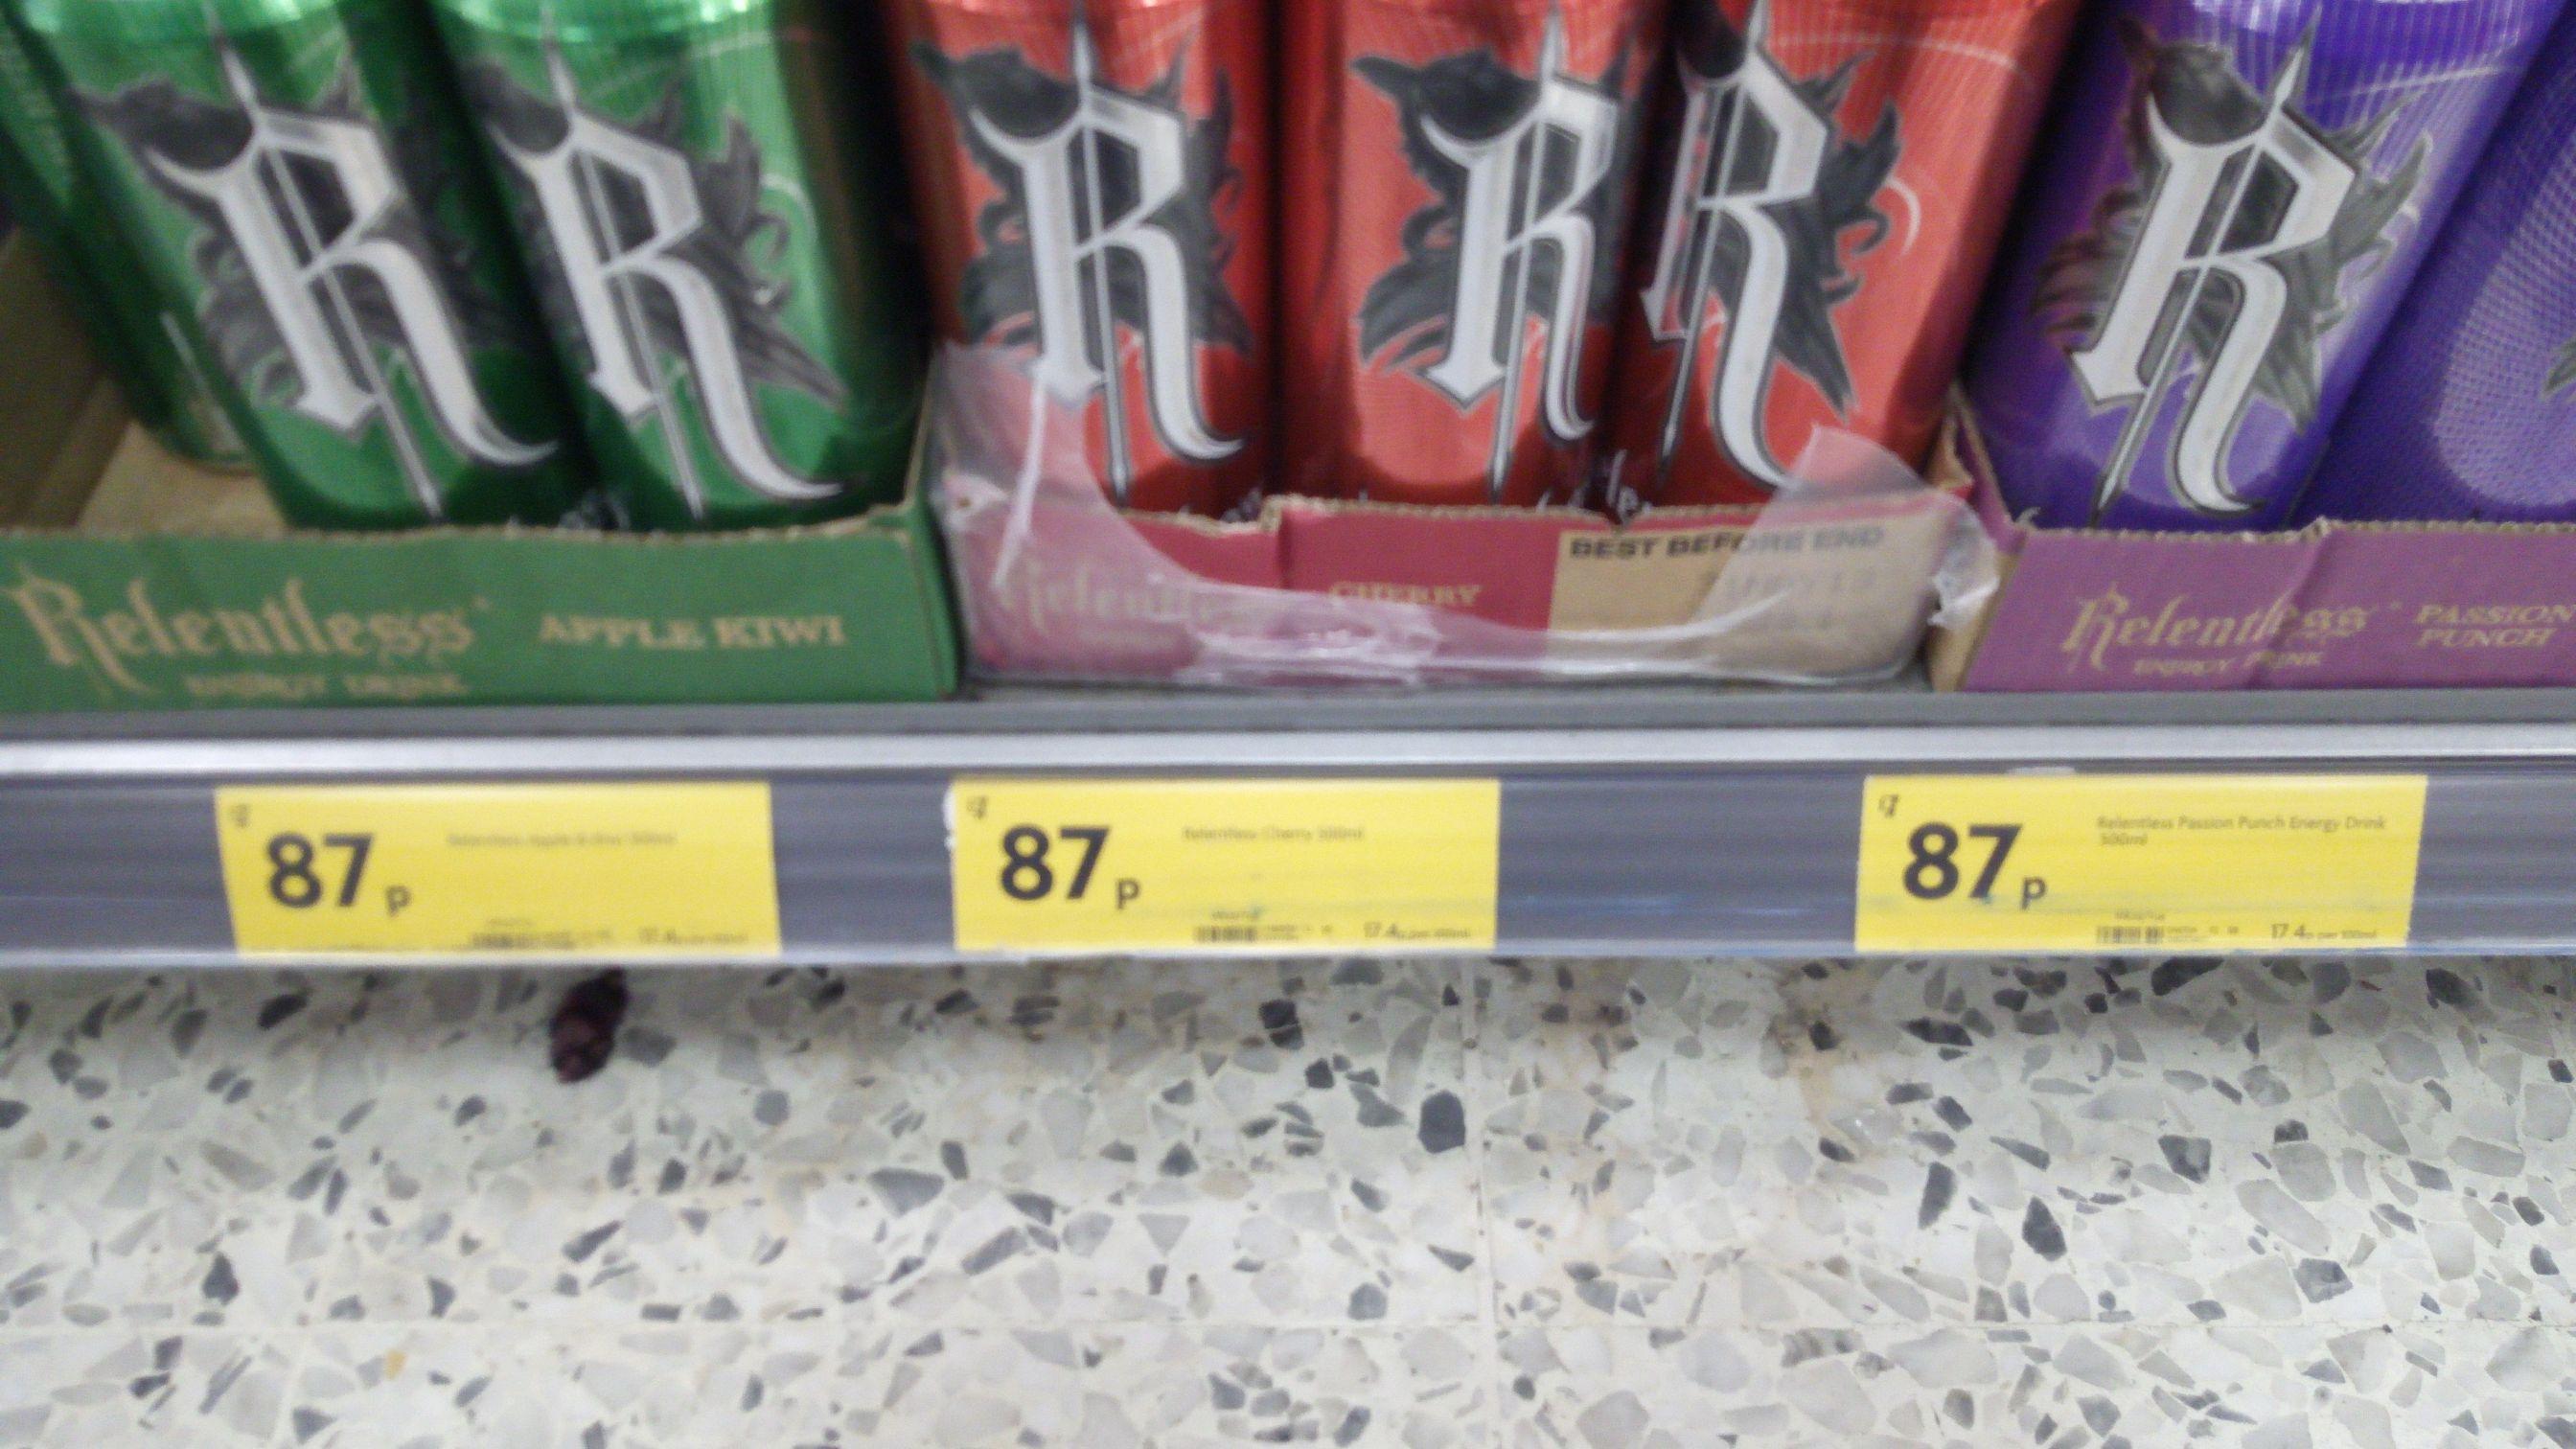 Morrisons Relentless drinks - 87p